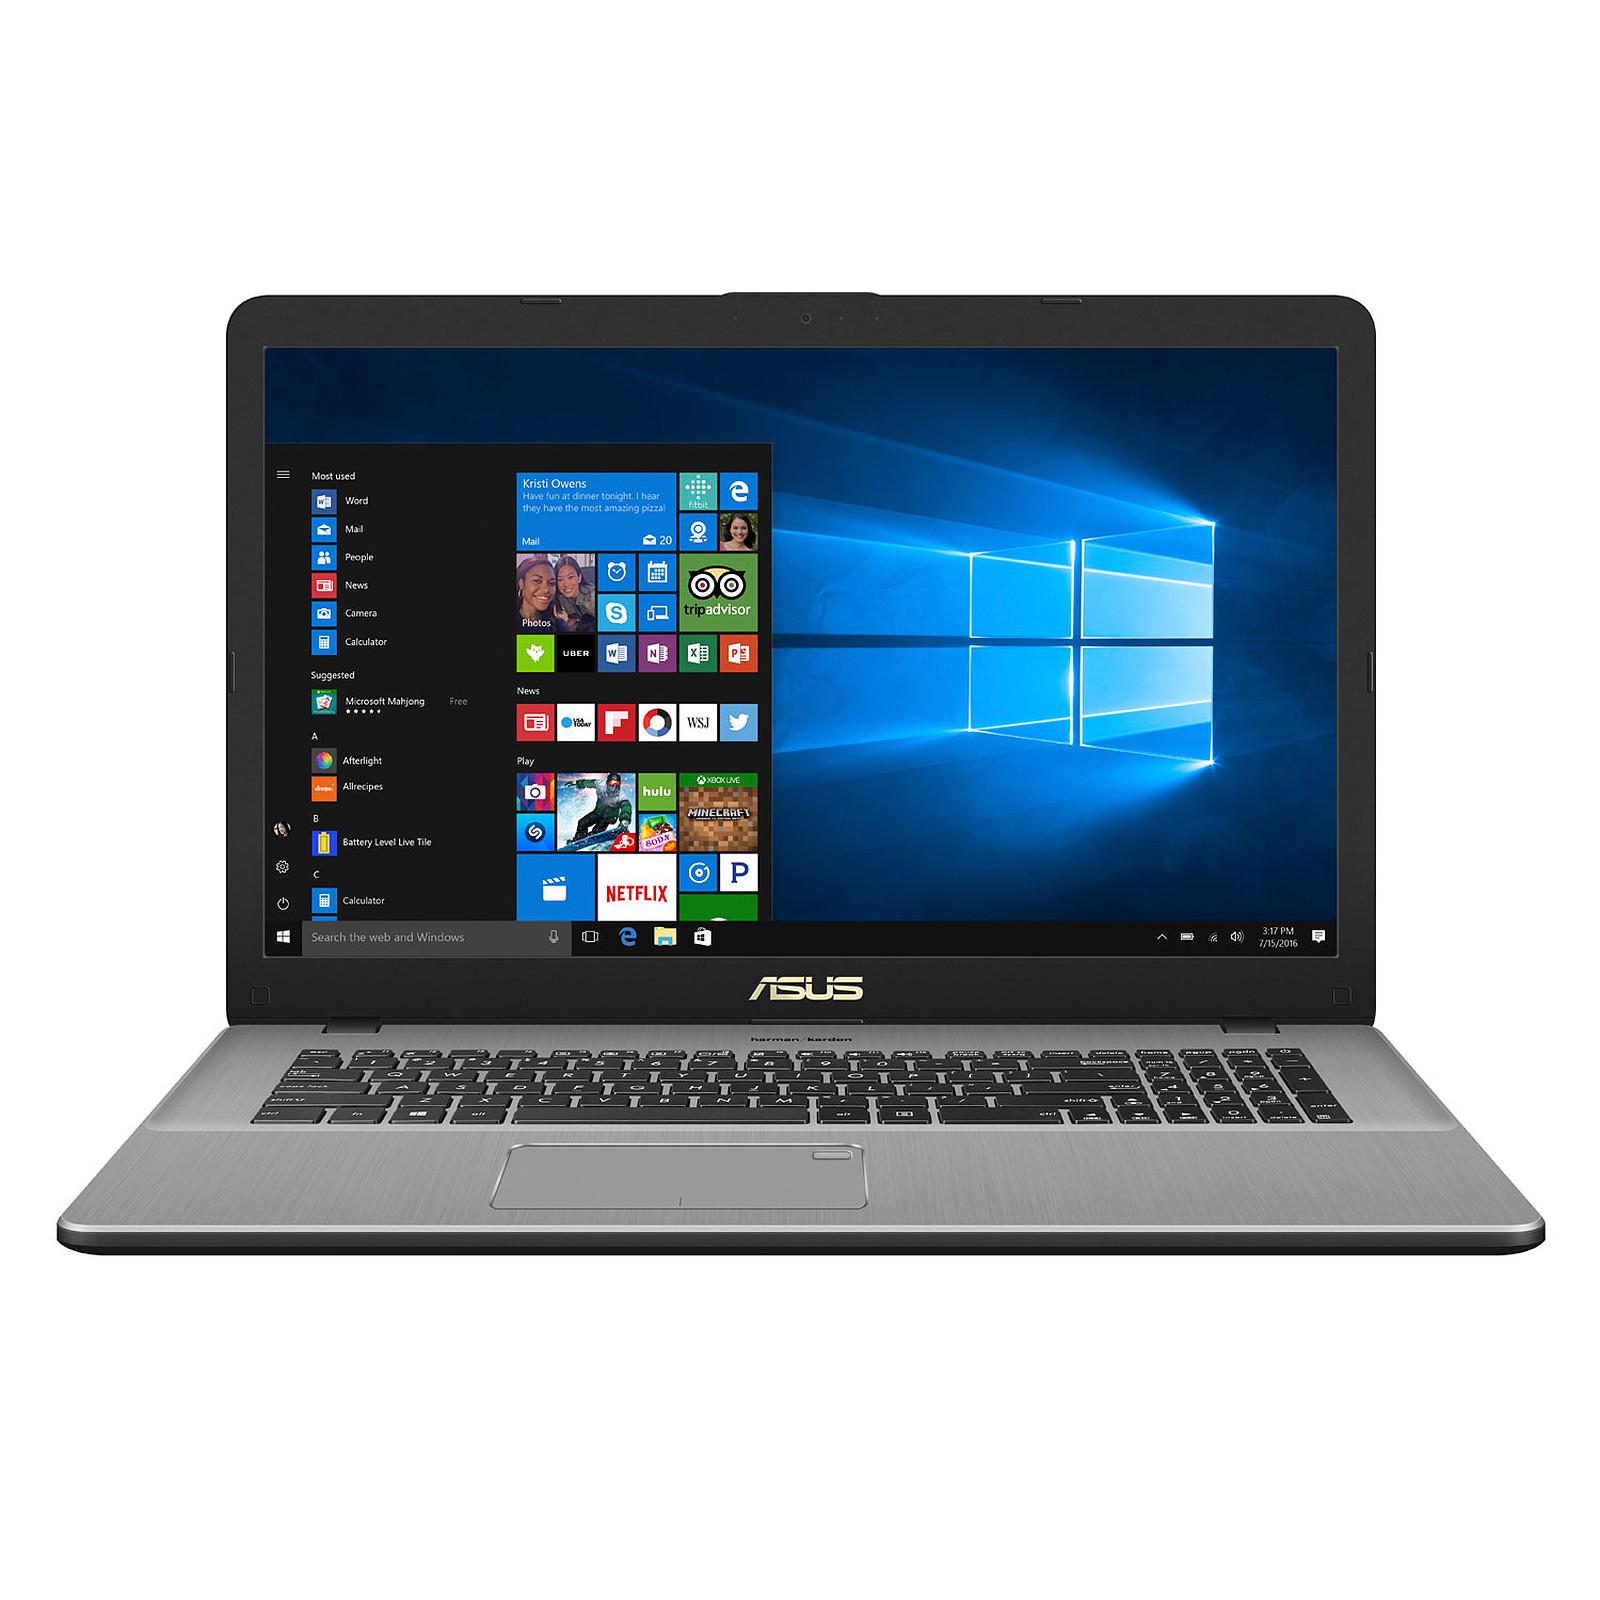 ASUS VivoBook Pro N705FD-GC003T